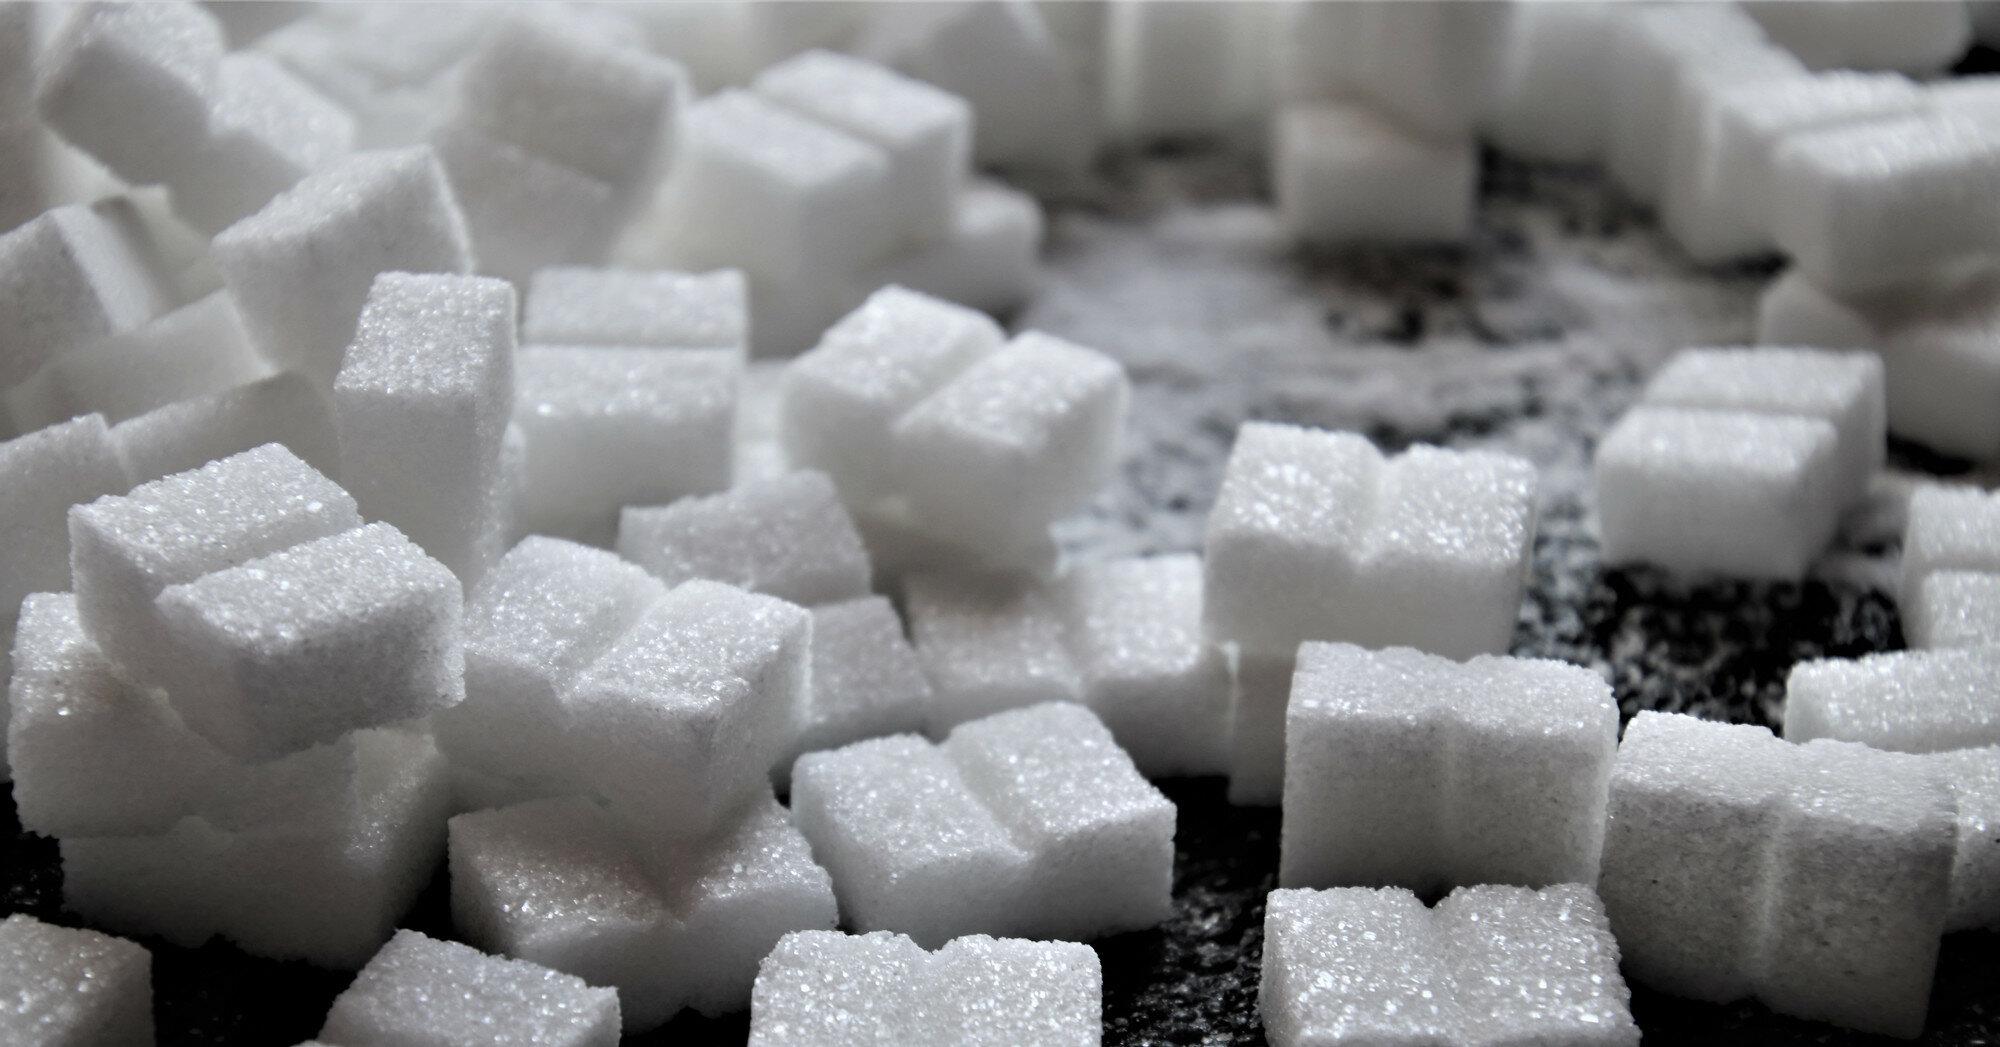 Сезон варенья под угрозой: что будет с ценами на сахар